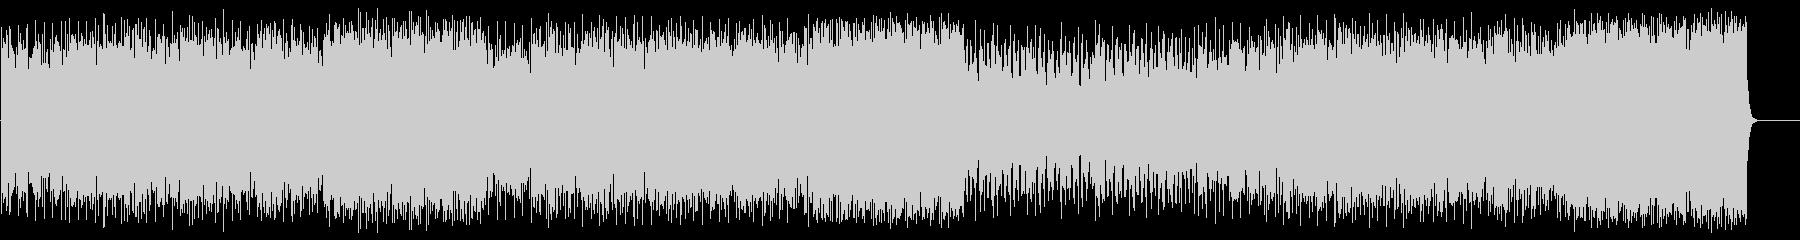 前進する力強いポップ(フルサイズ)の未再生の波形